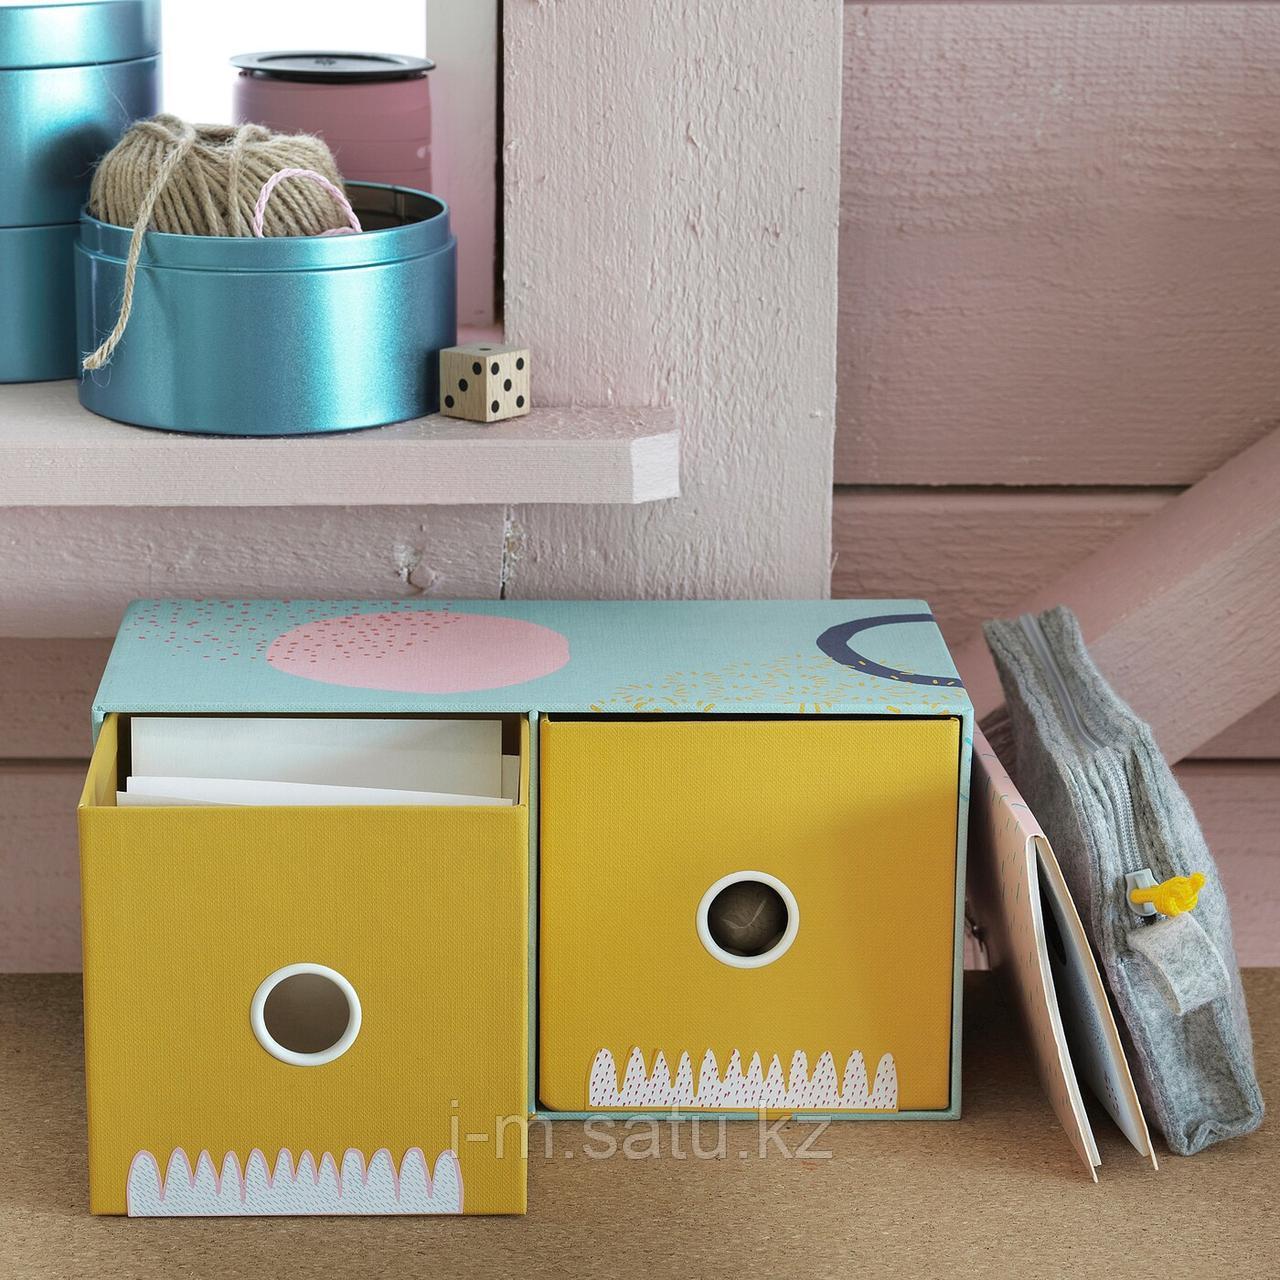 ЛАНКМОЙ Мини-комод с 2 ящиками, разноцветный, разноцветный